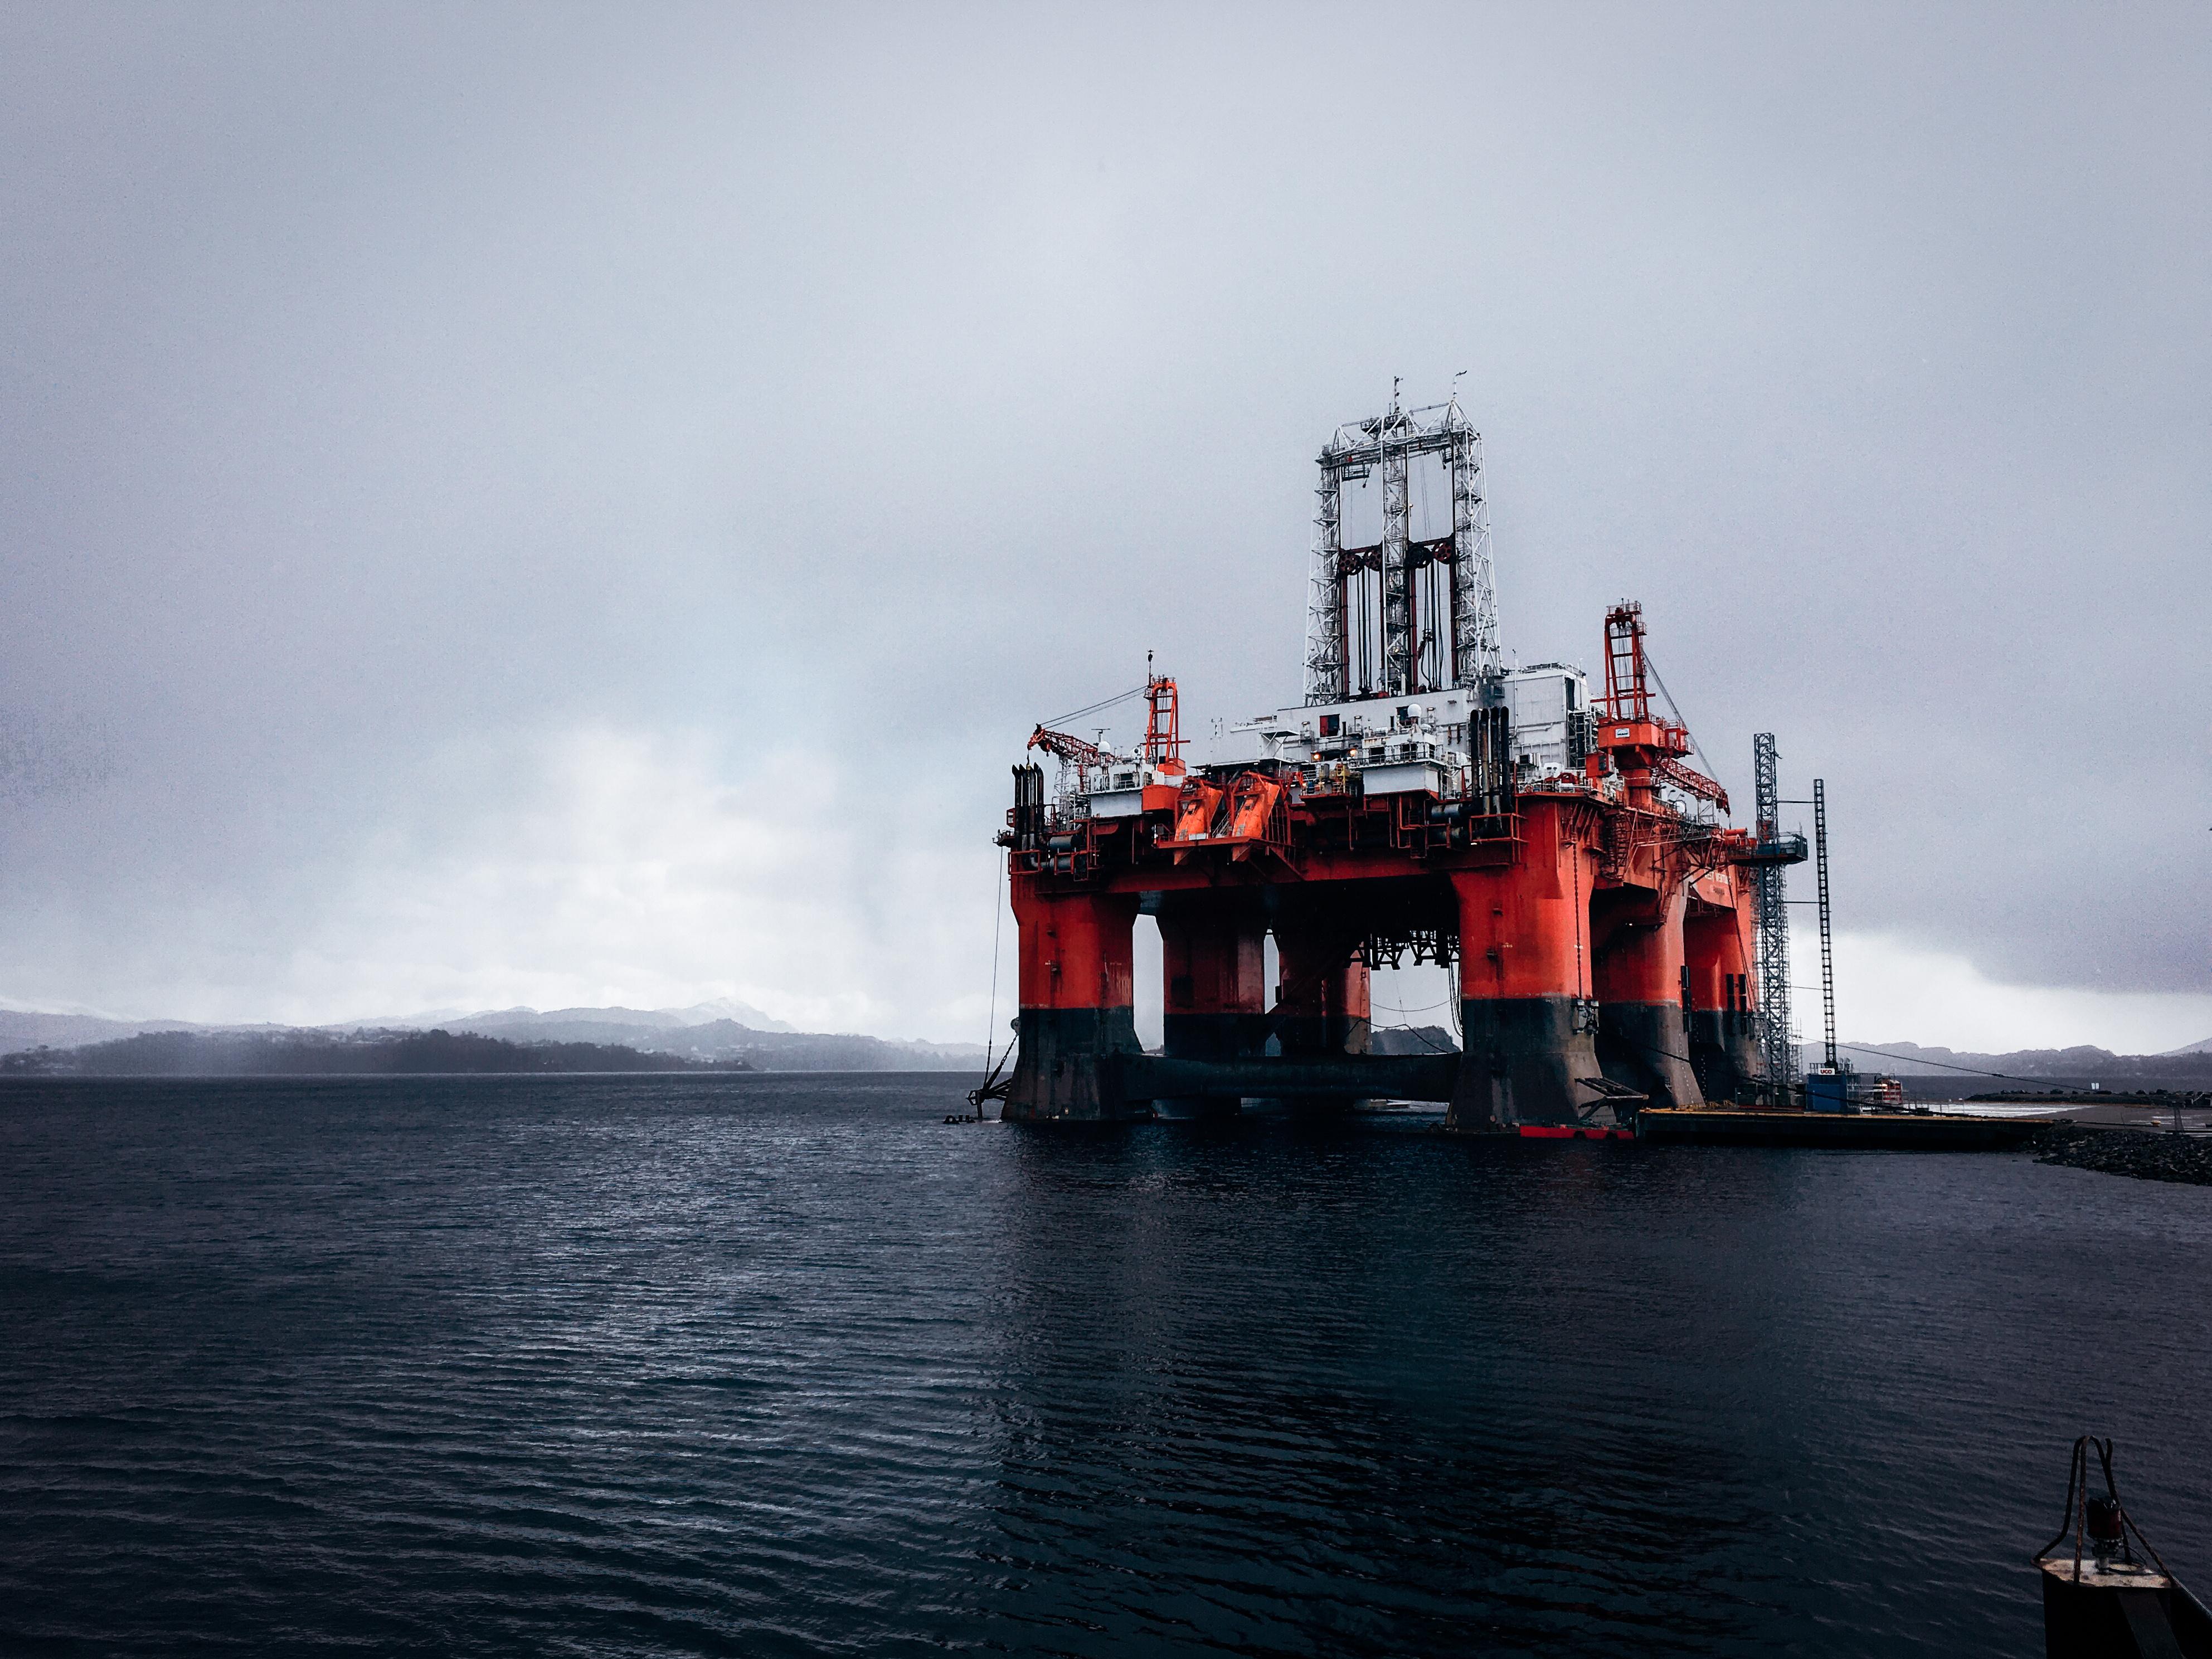 Massive oil rig platform in Norway fjords.